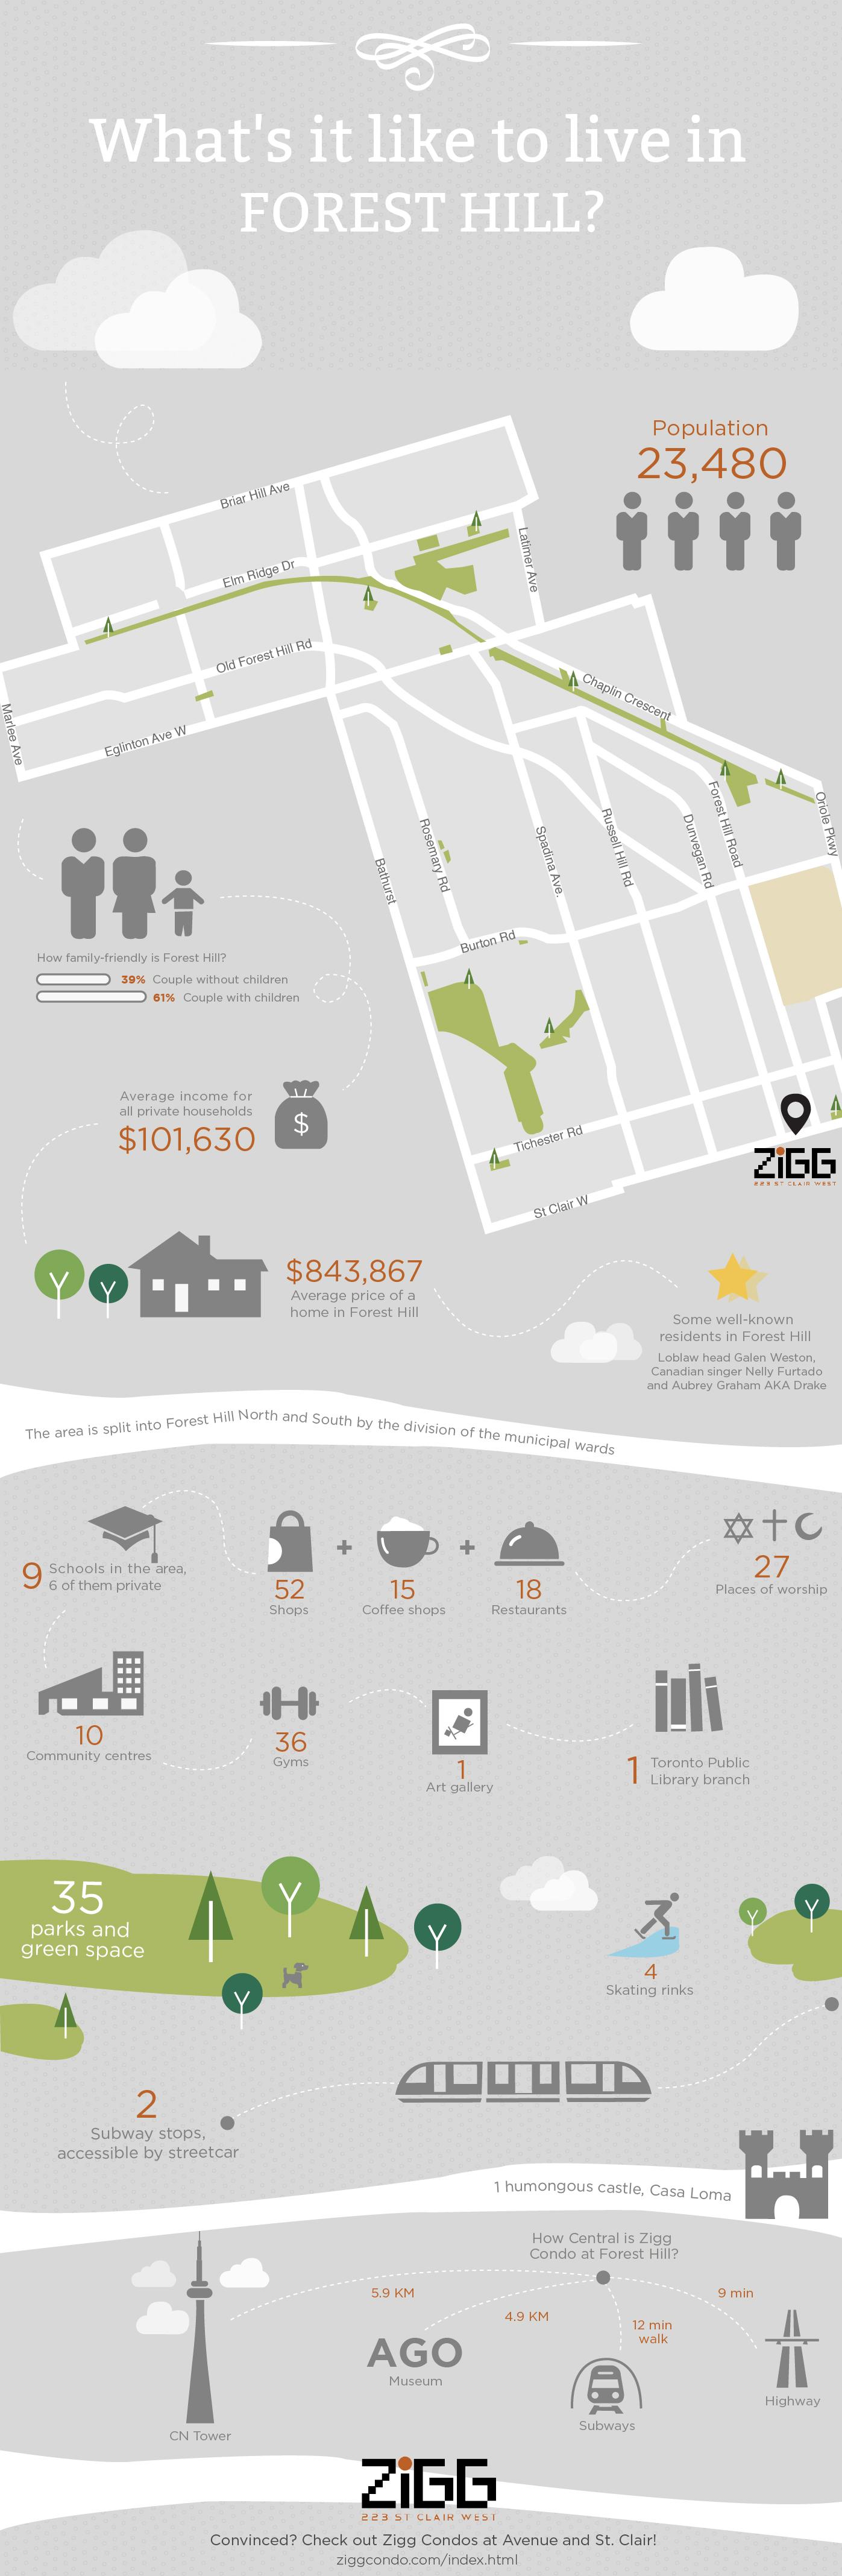 Zigg Condos infographic